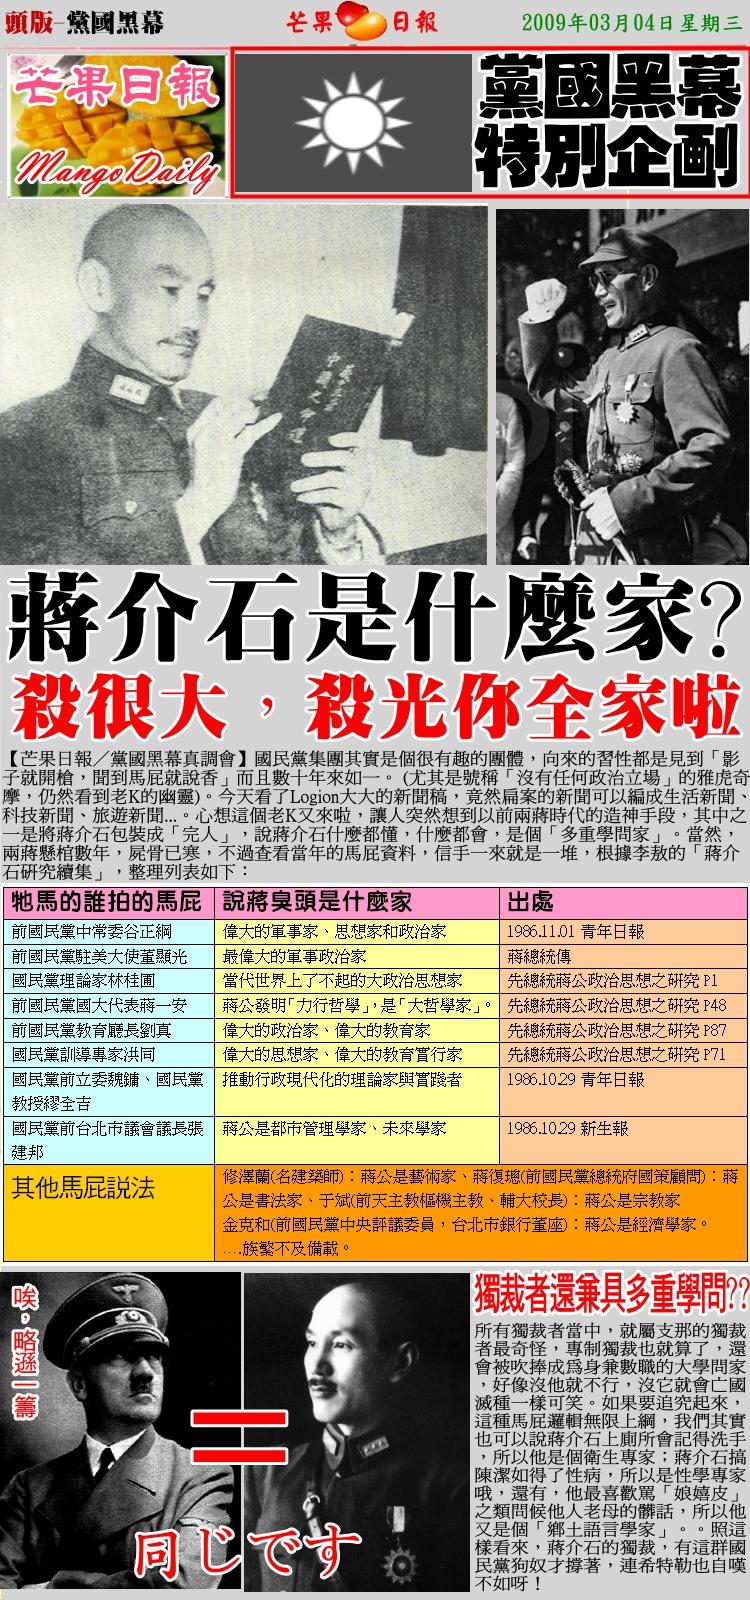 090305芒果日報黨國黑幕--蔣介石是瞎咪家